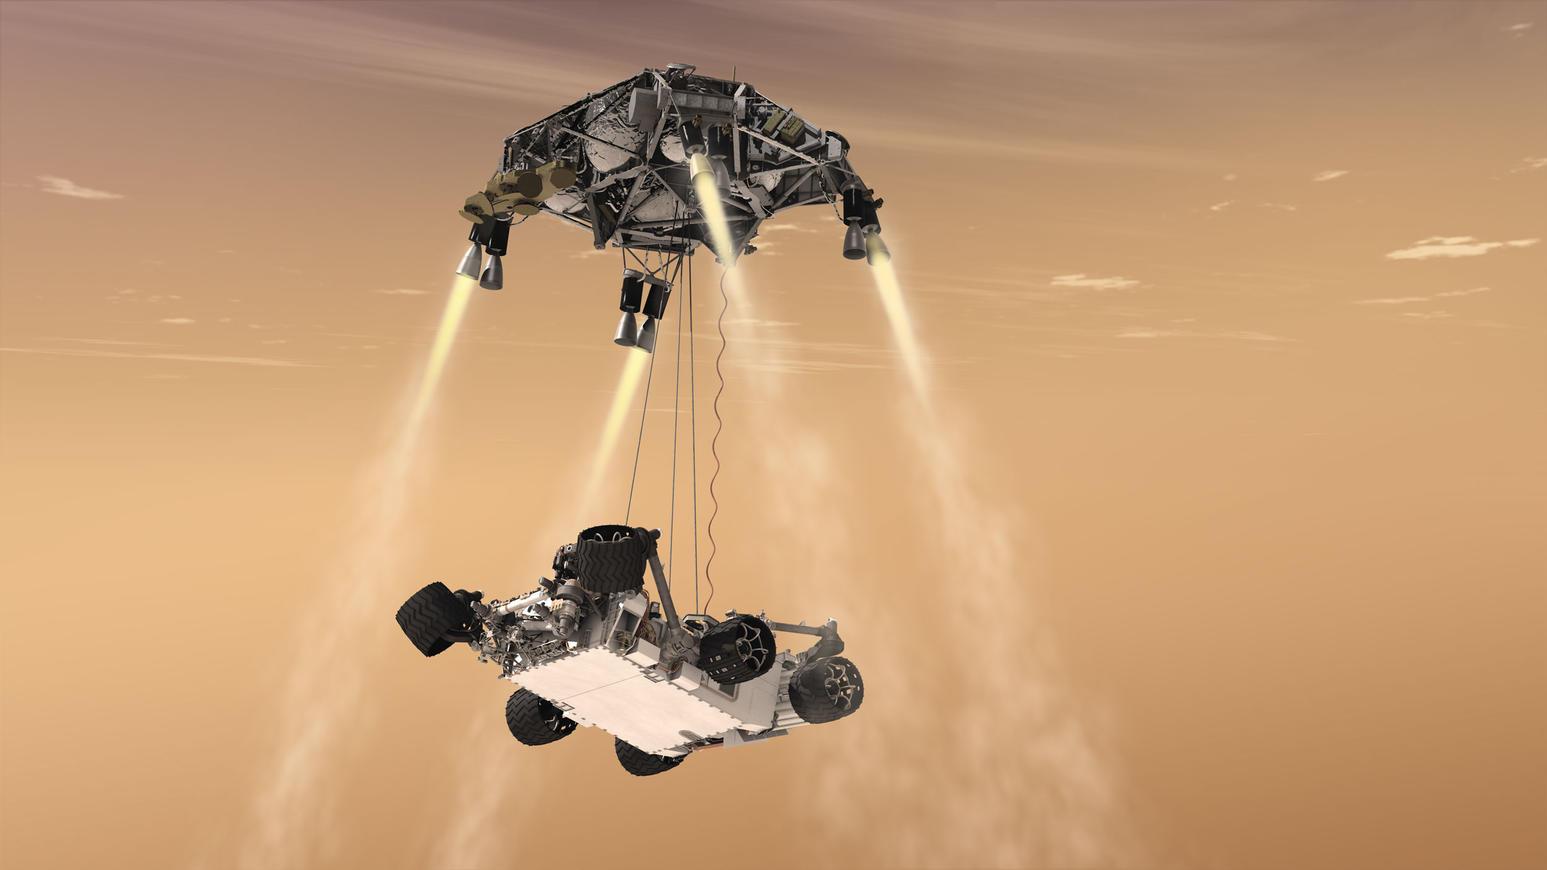 Obrázek: Vozítko Perseverance a unikátní helikoptéra zamíří na Mars později, start se musí stihnout letos